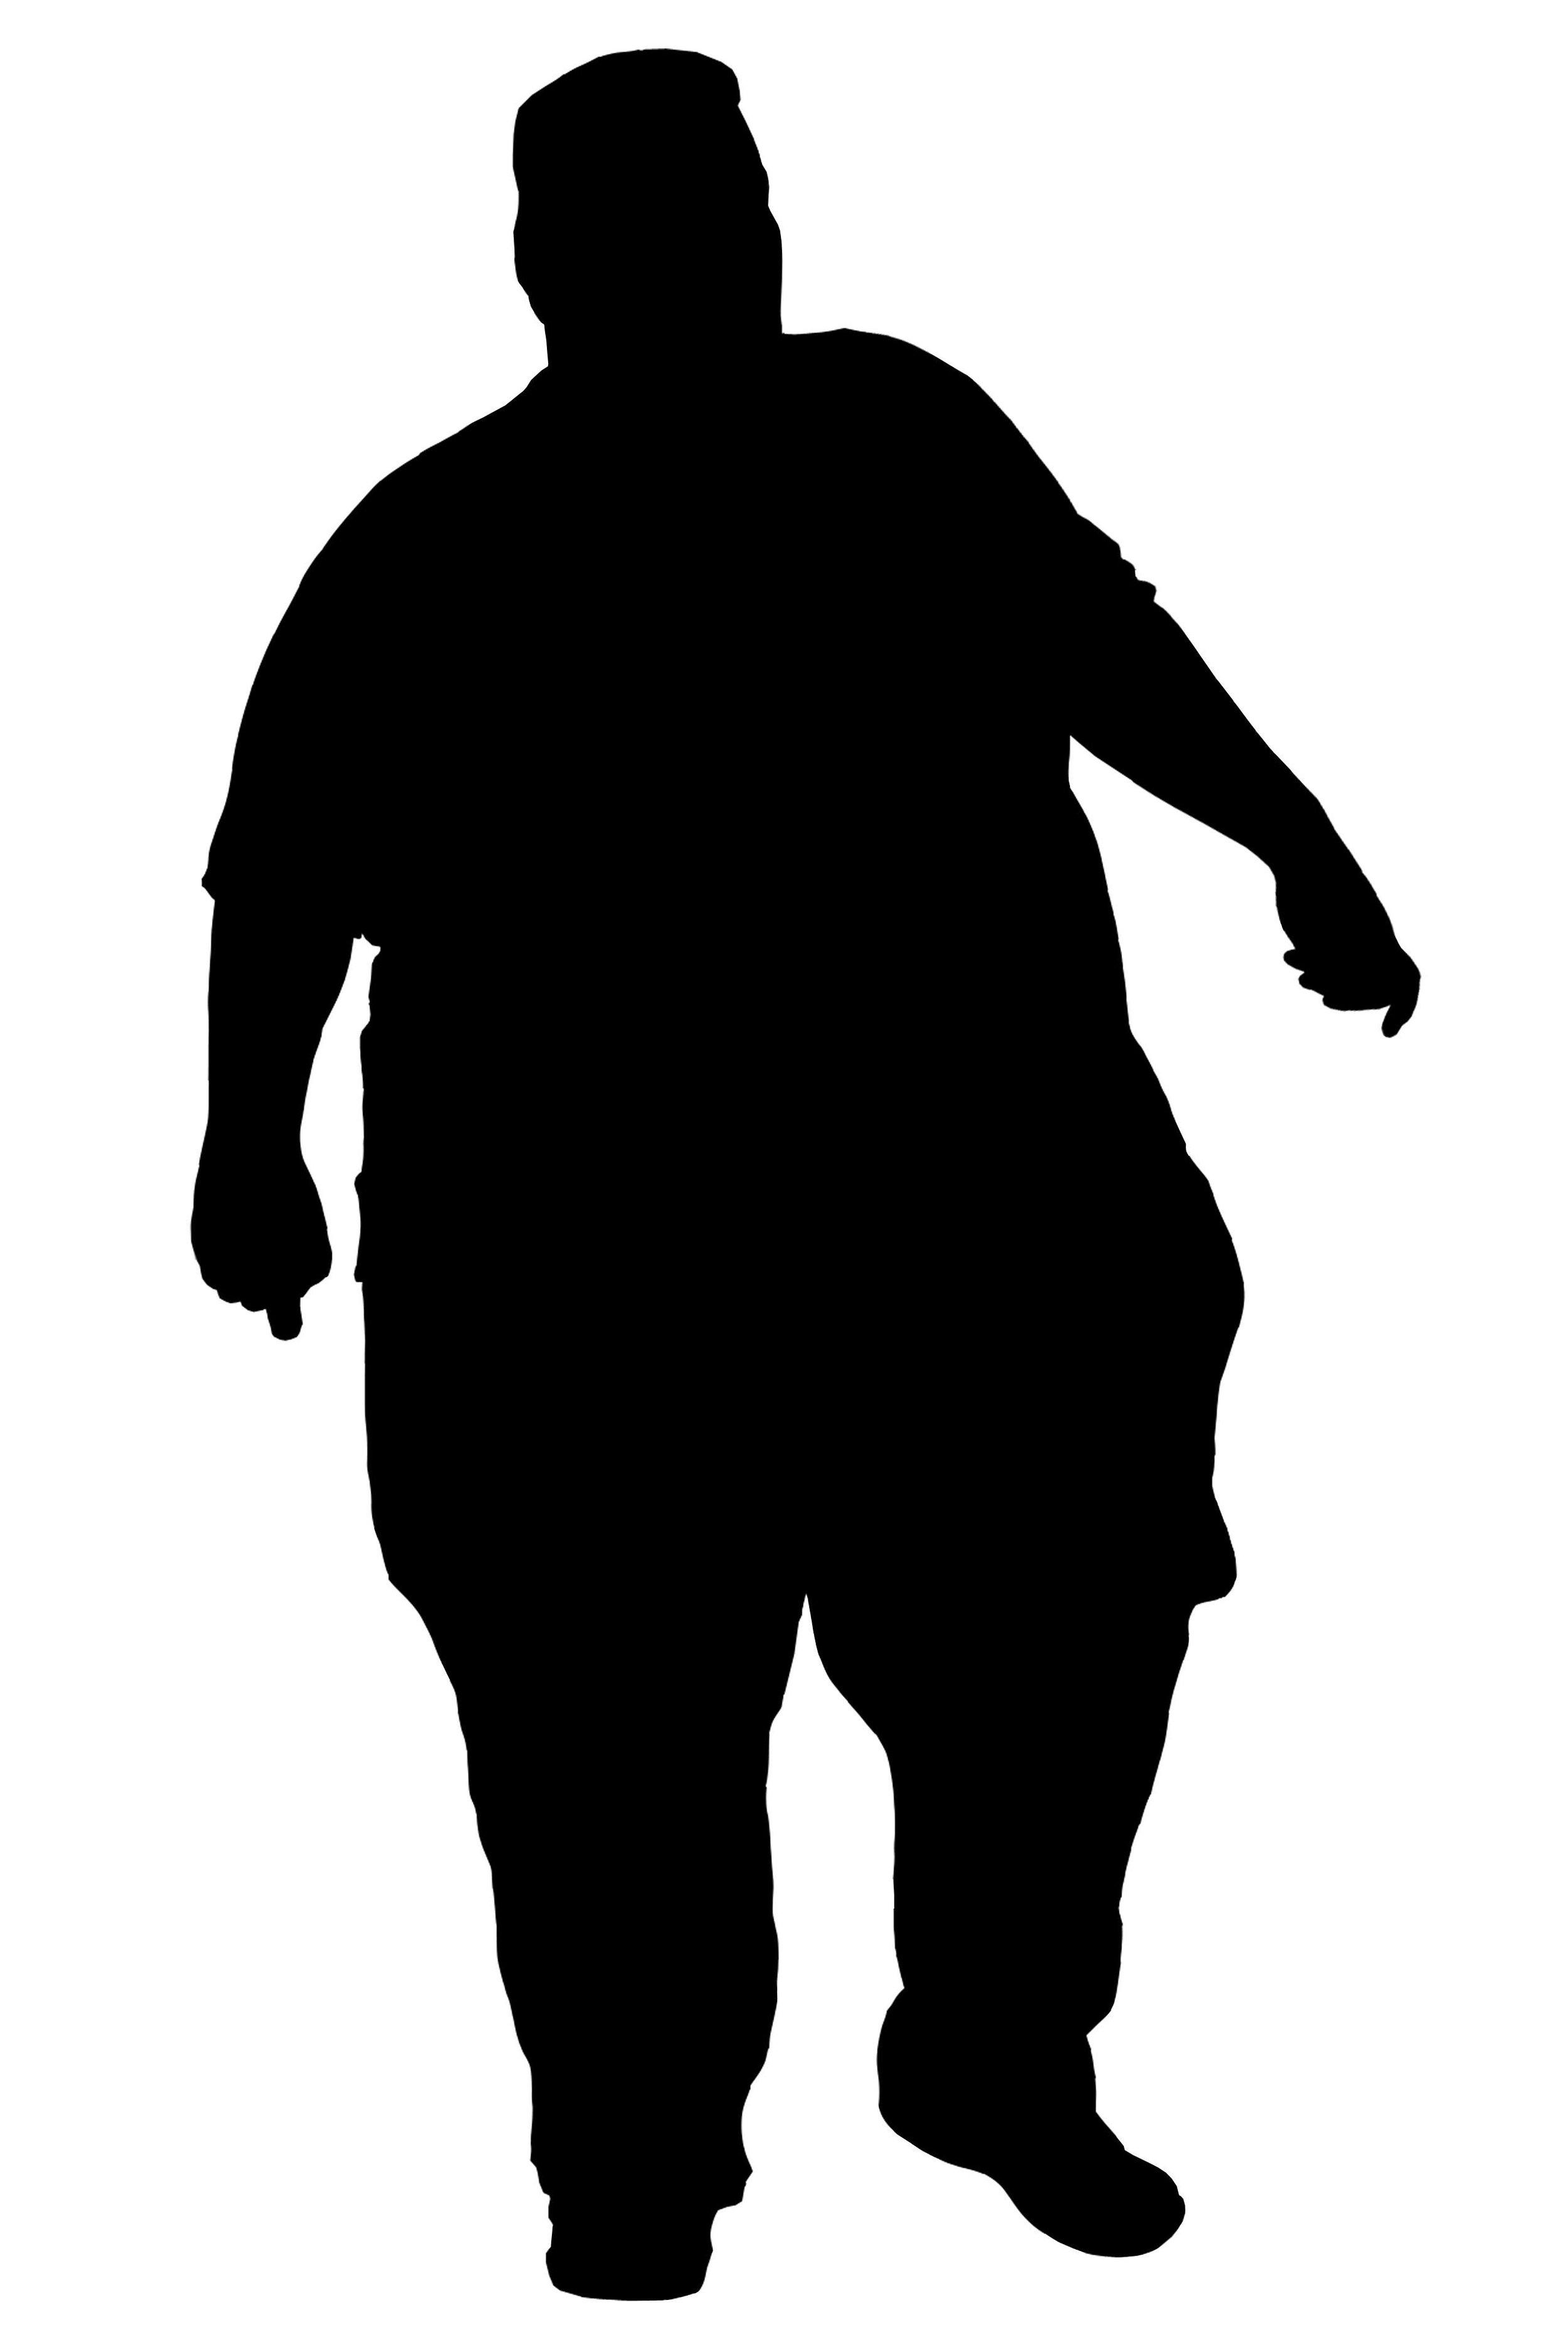 OBESE-MALE-WALKING-SILHOUETTE (1).jpg